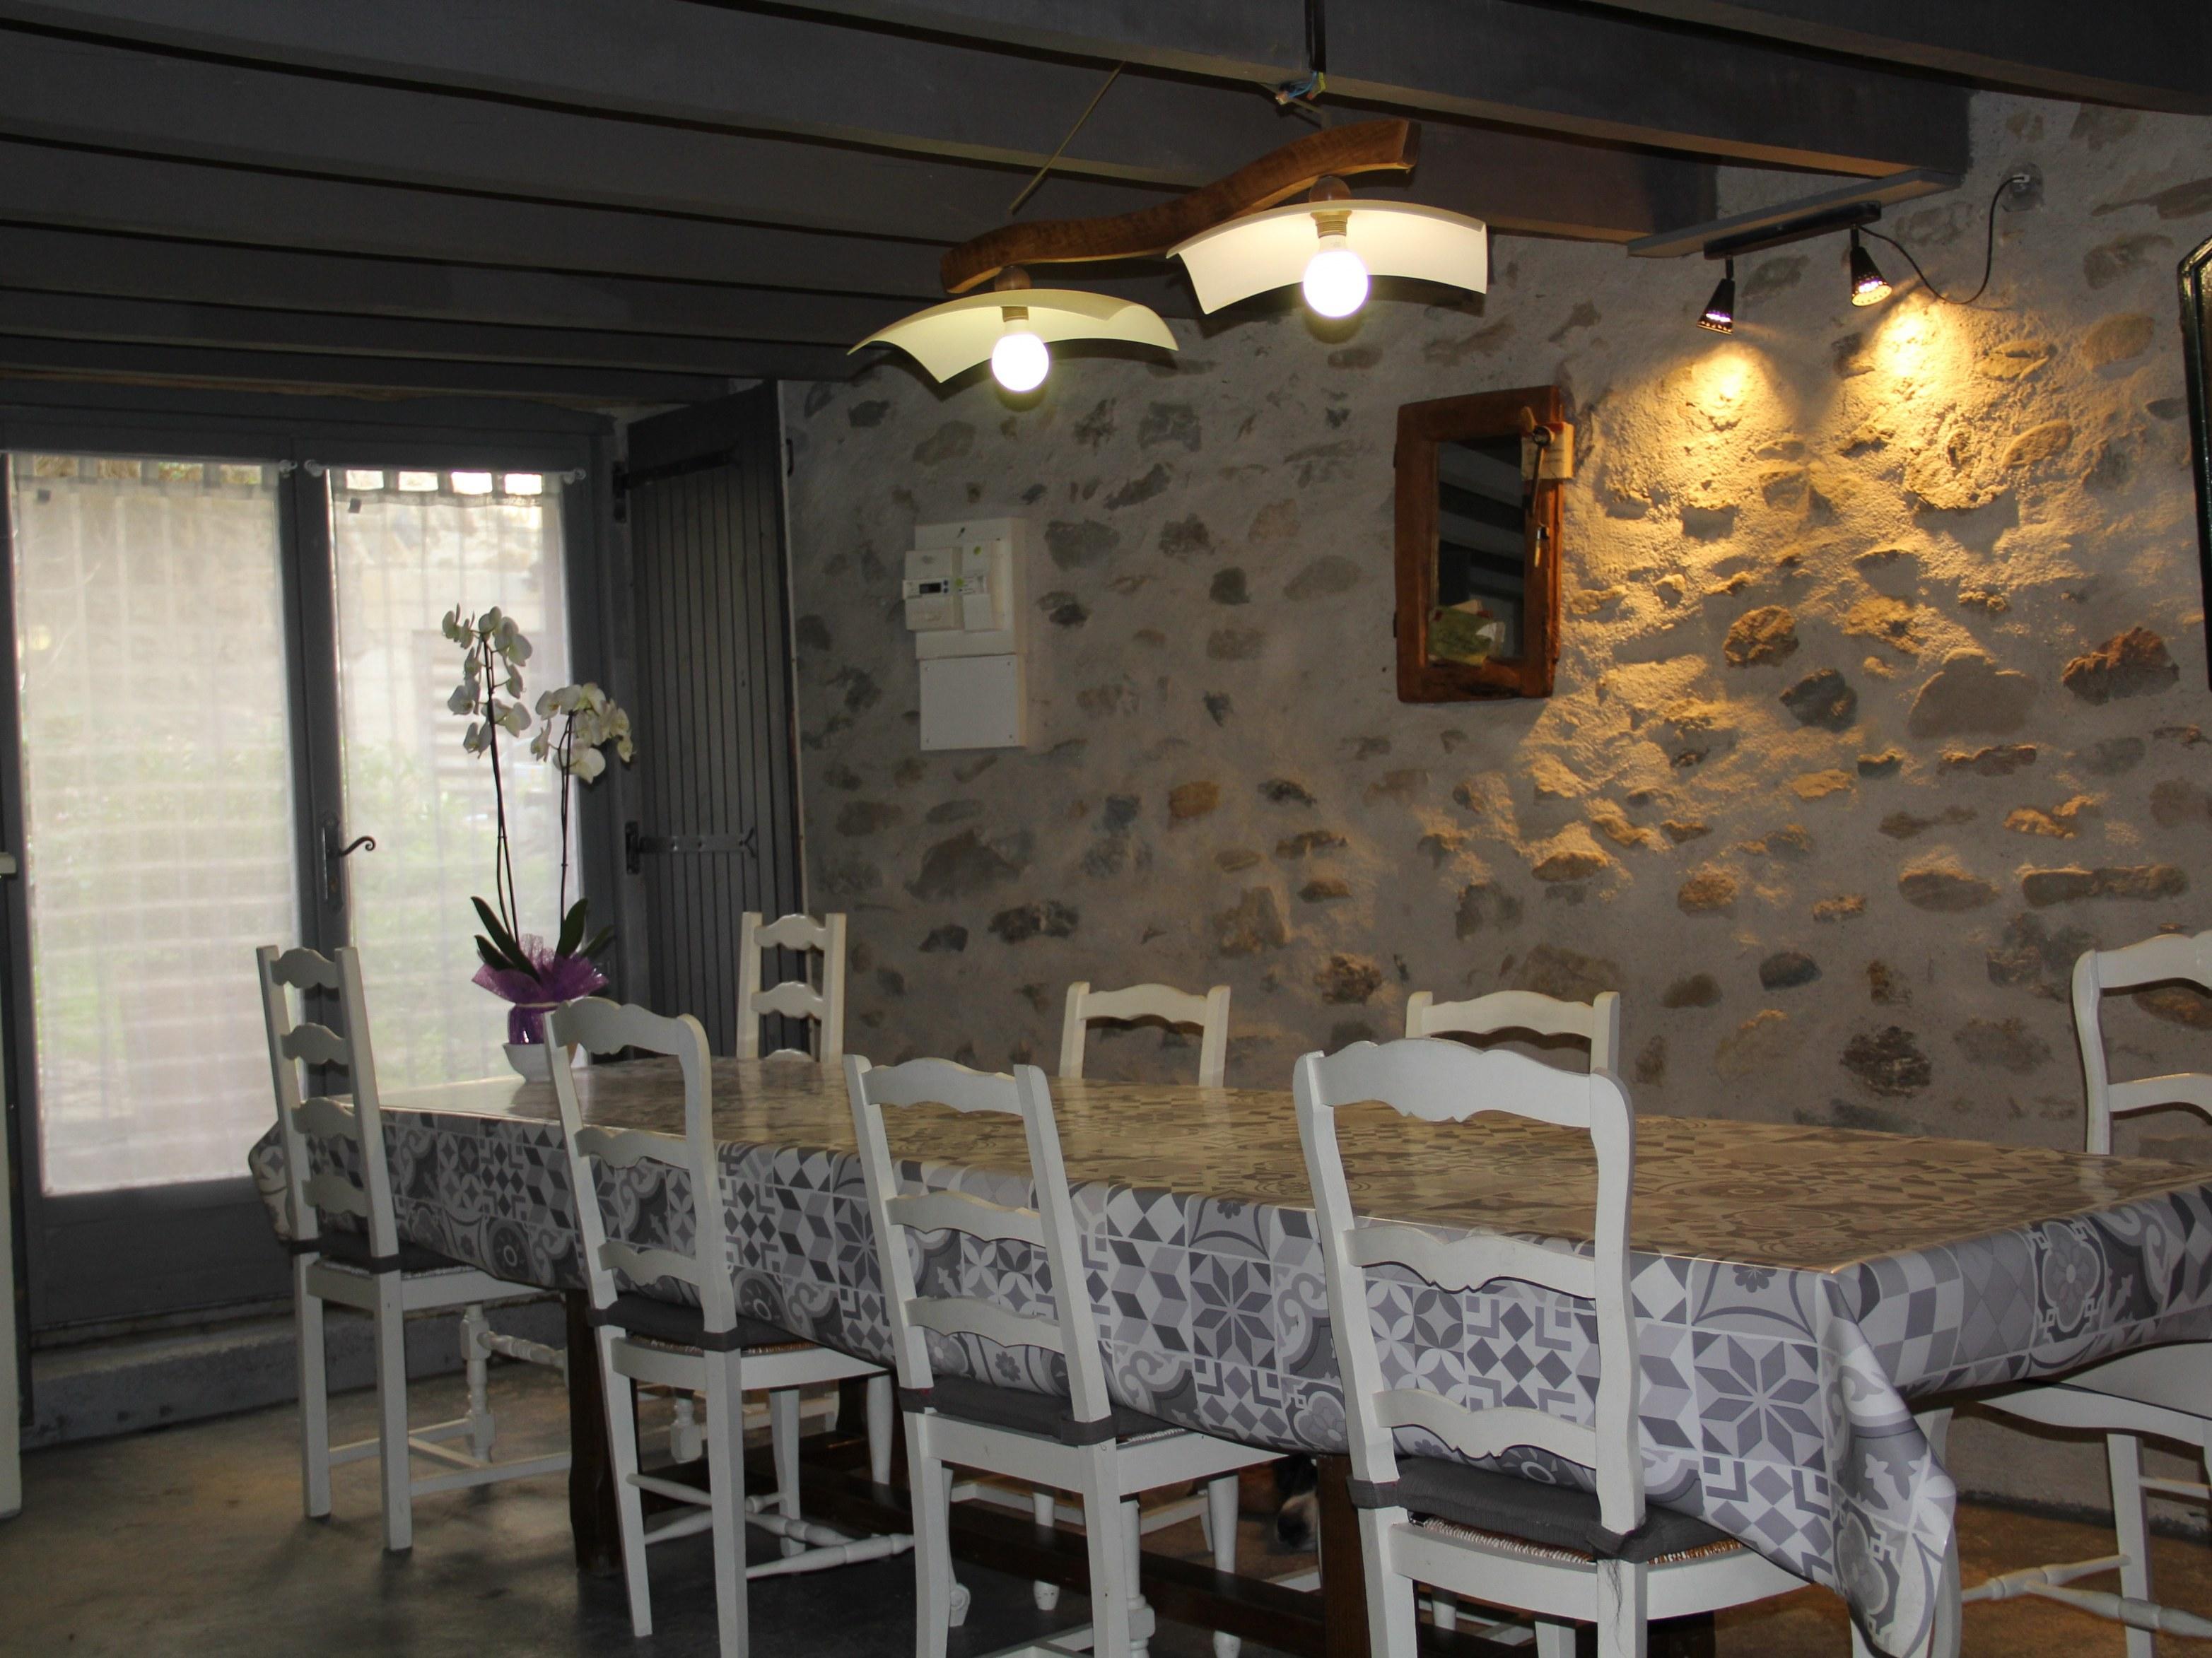 chambre-hotes-auvergne-fenetre-table-chaise-fleur-portrait